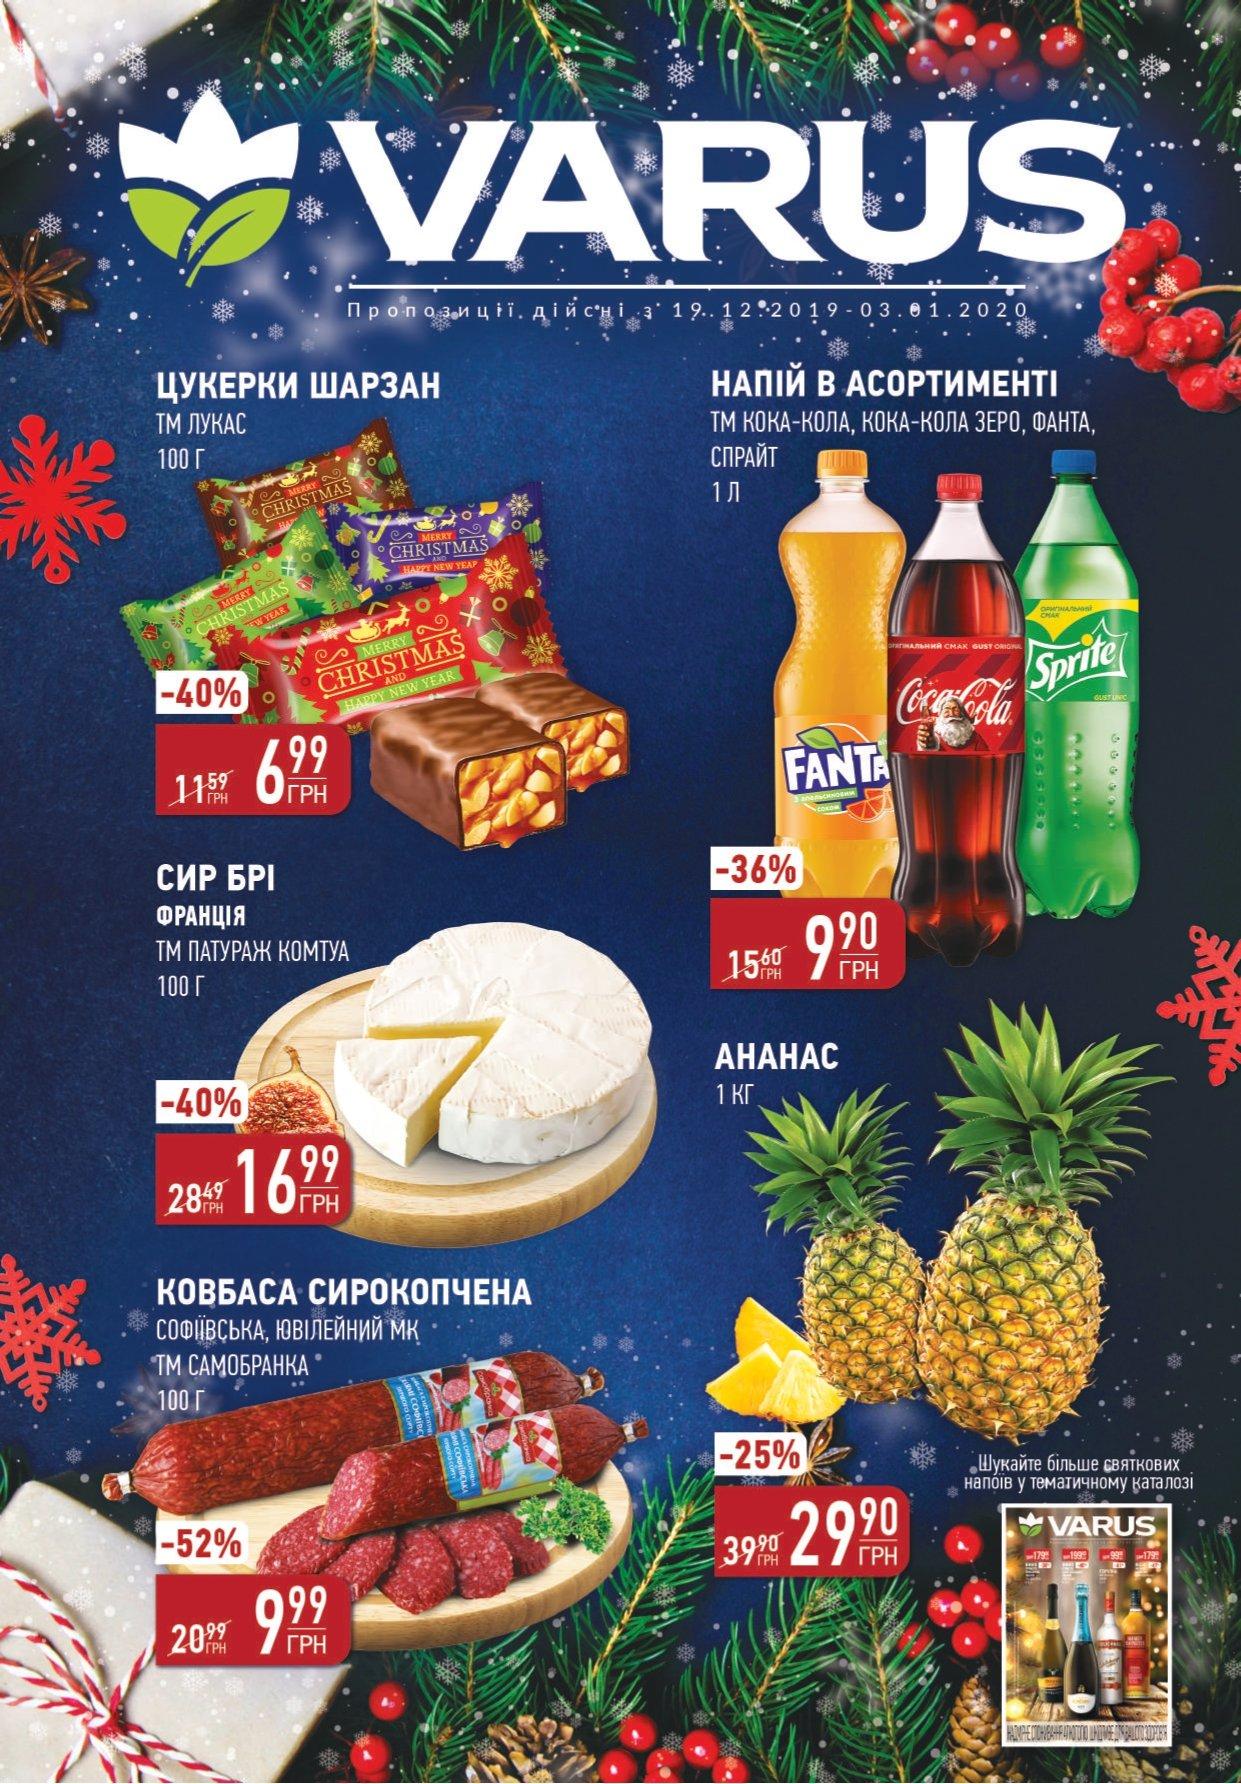 Делаем покупки к Новому Году: какие акции действуют в супермаркетах Днепра, - ЦЕНЫ, фото-30